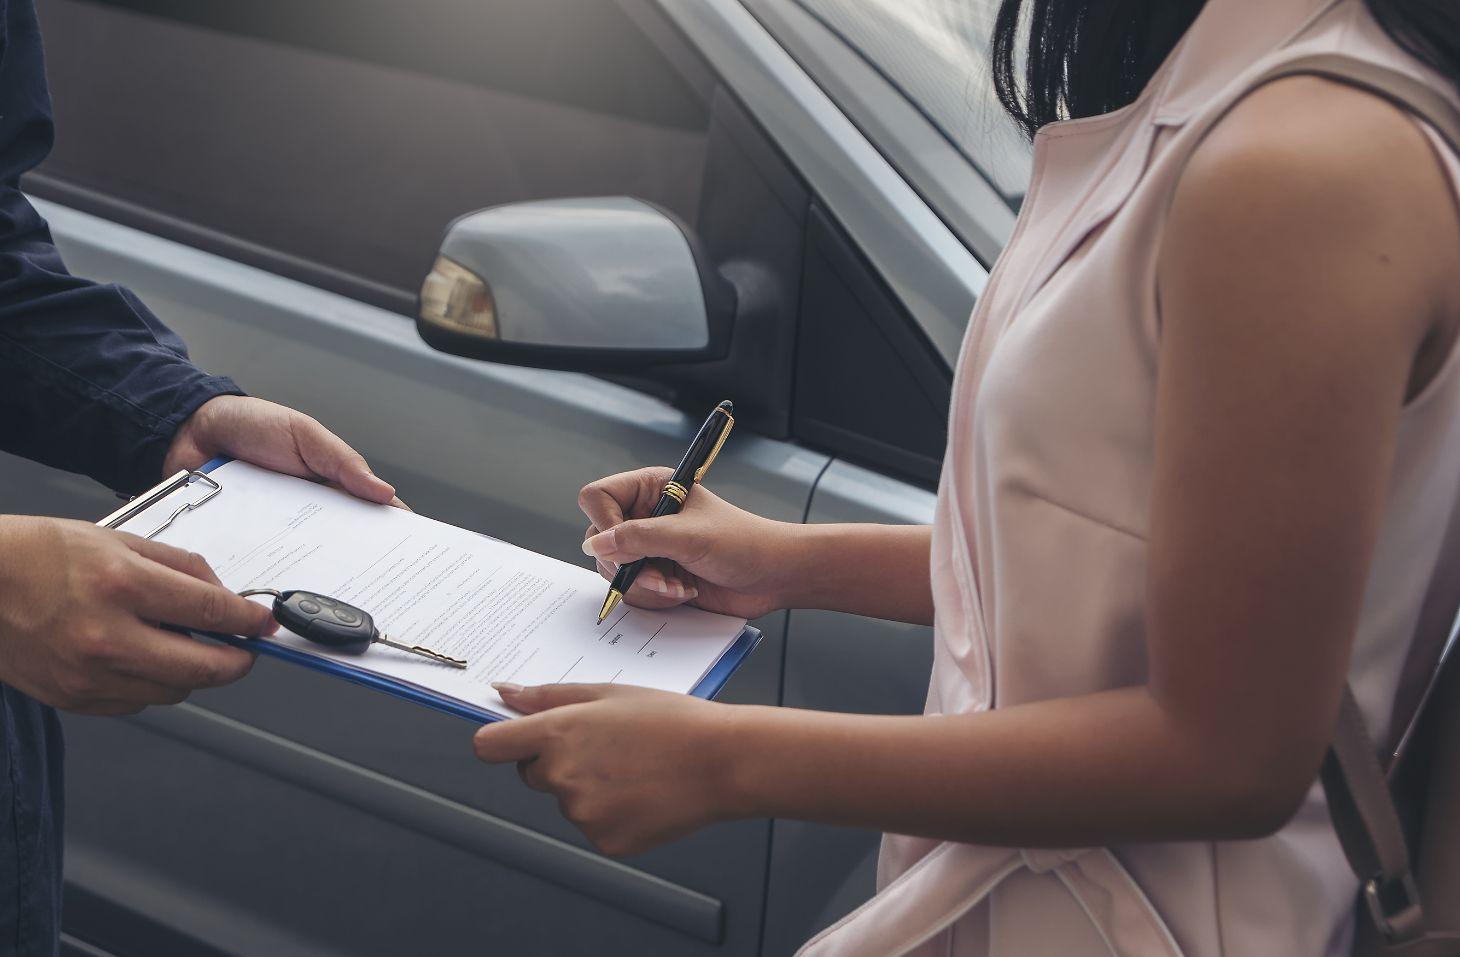 mulher com caneta na mao assina contrato de carro aluguel ou carro por assinatura e recebe chave do veiculo